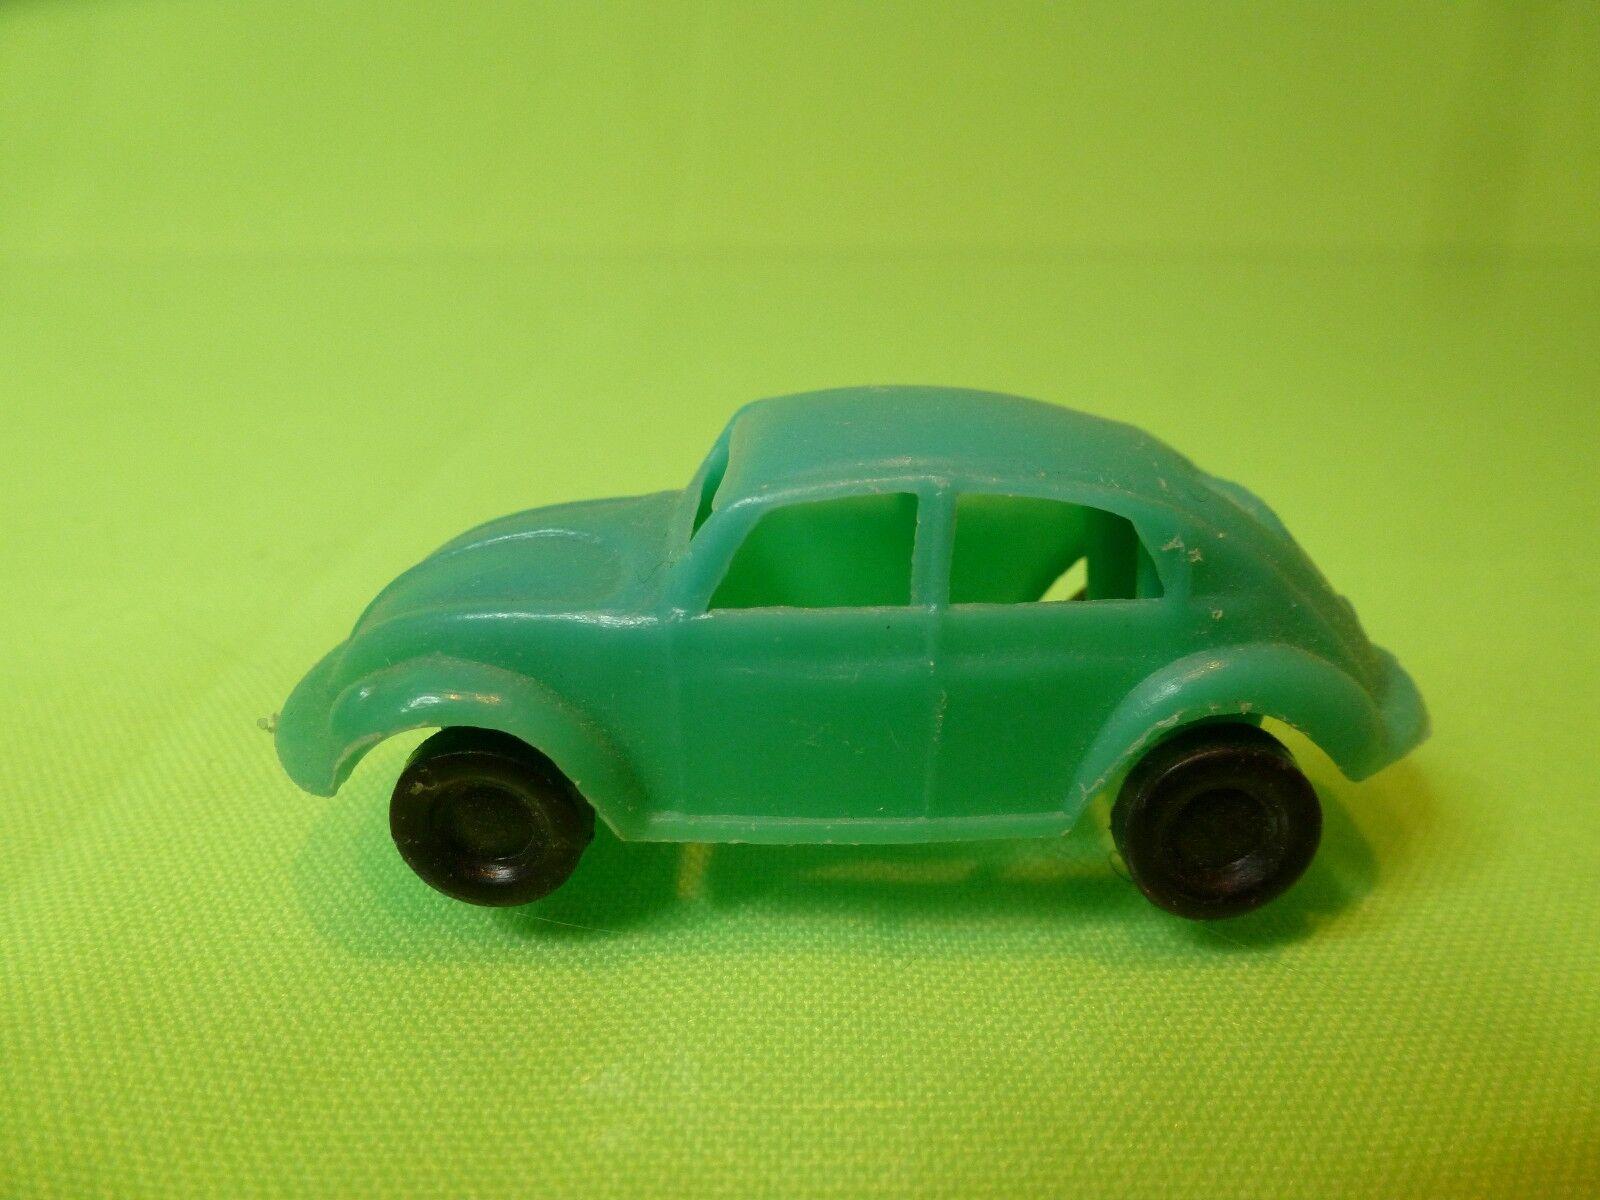 VINTAGE PLASTIC VW VOLKSWAGEN VOLKSWAGEN VOLKSWAGEN BEETLE BUG - verde L6.0cm - GOOD COND. HONG KONG . d8c175